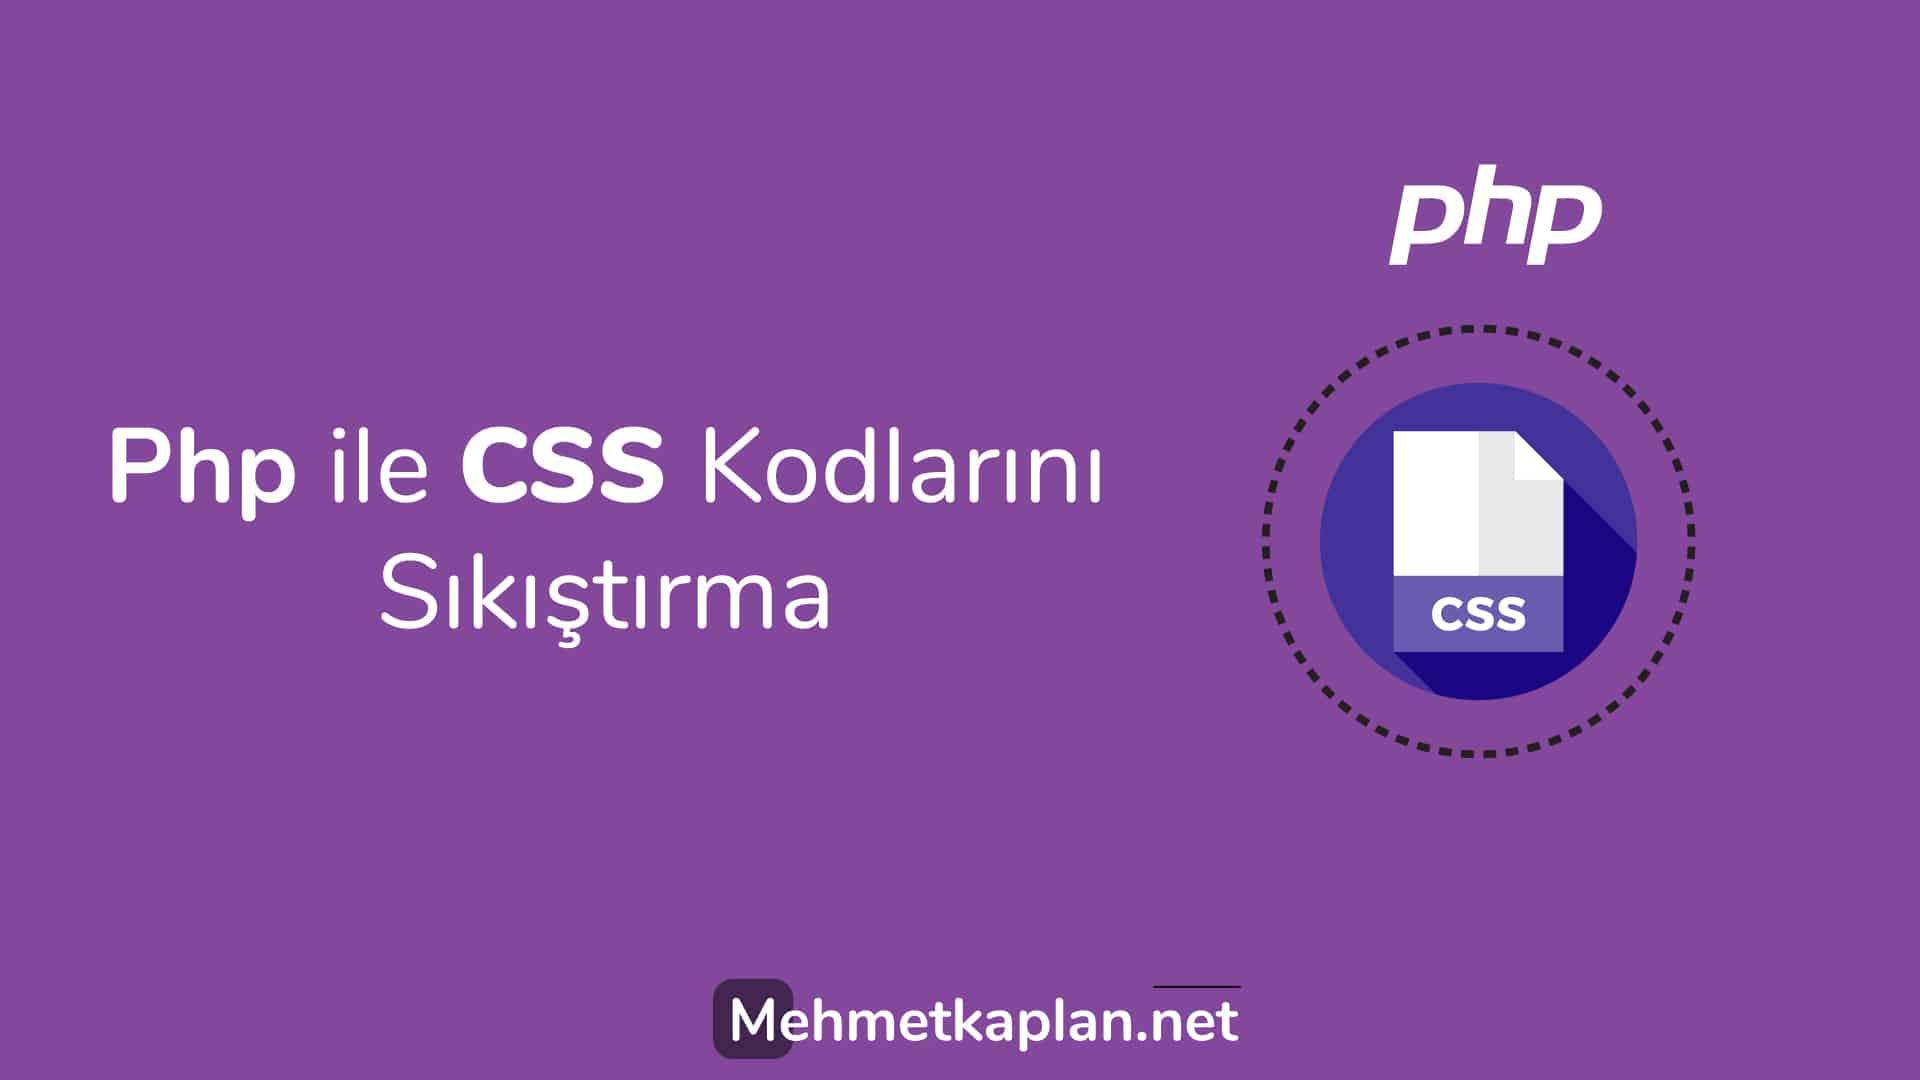 Php ile CSS Kodlarını Sıkıştırma